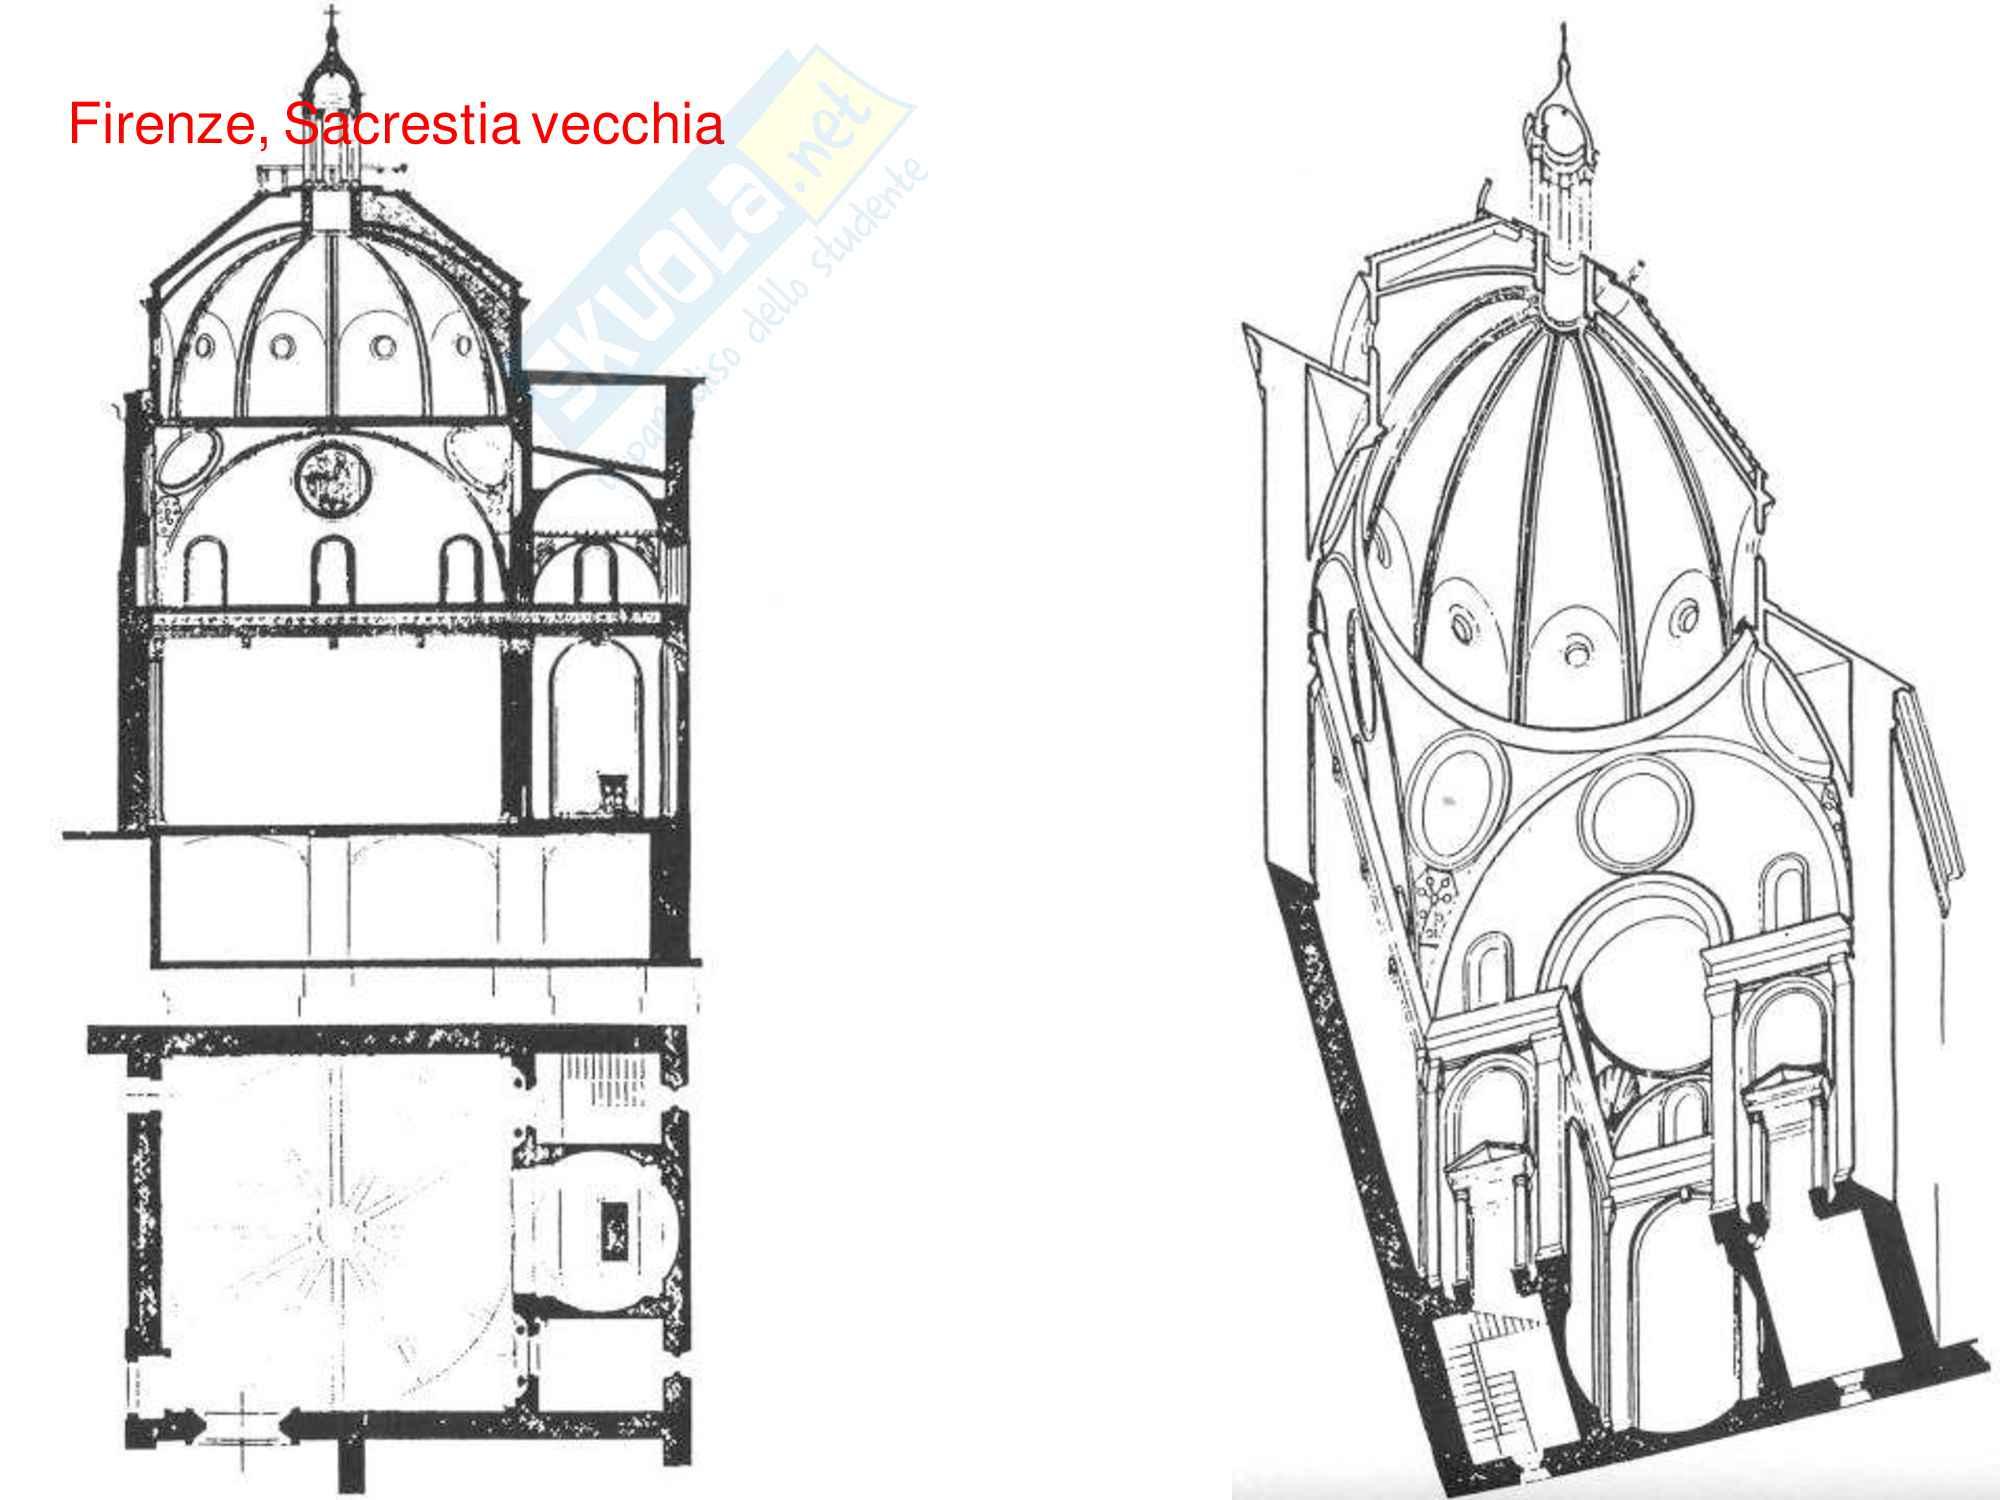 Storia dell'architettura e delle Tecniche Costruttive - Temi d'esame svolti Pag. 26